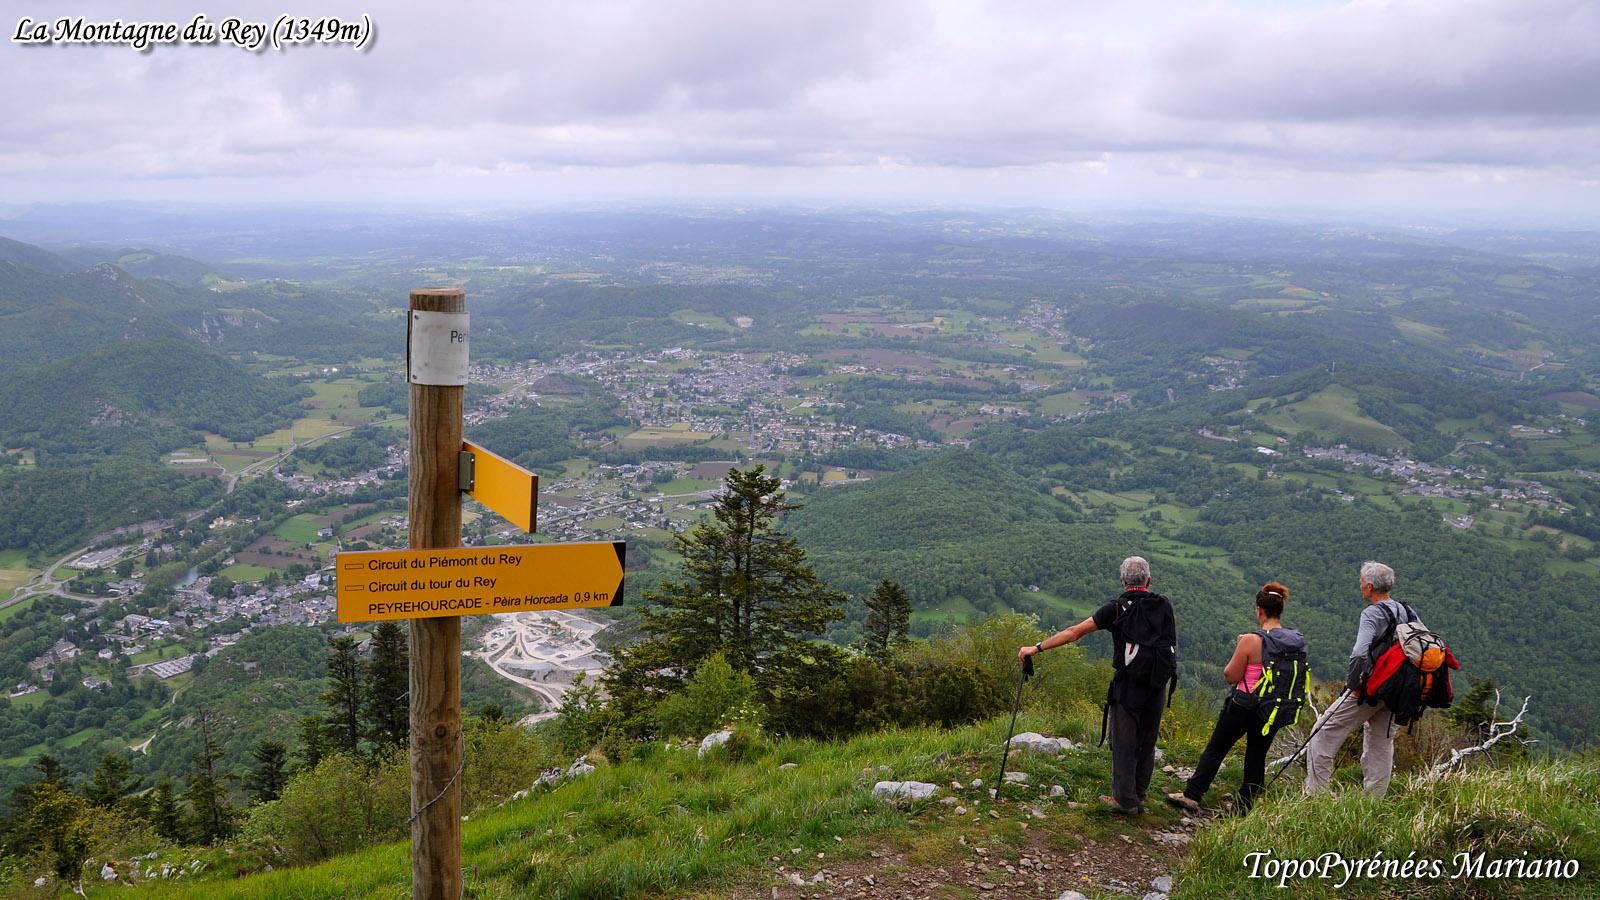 Montagne-du-Rey-depuis-Louvie-Juzon_000